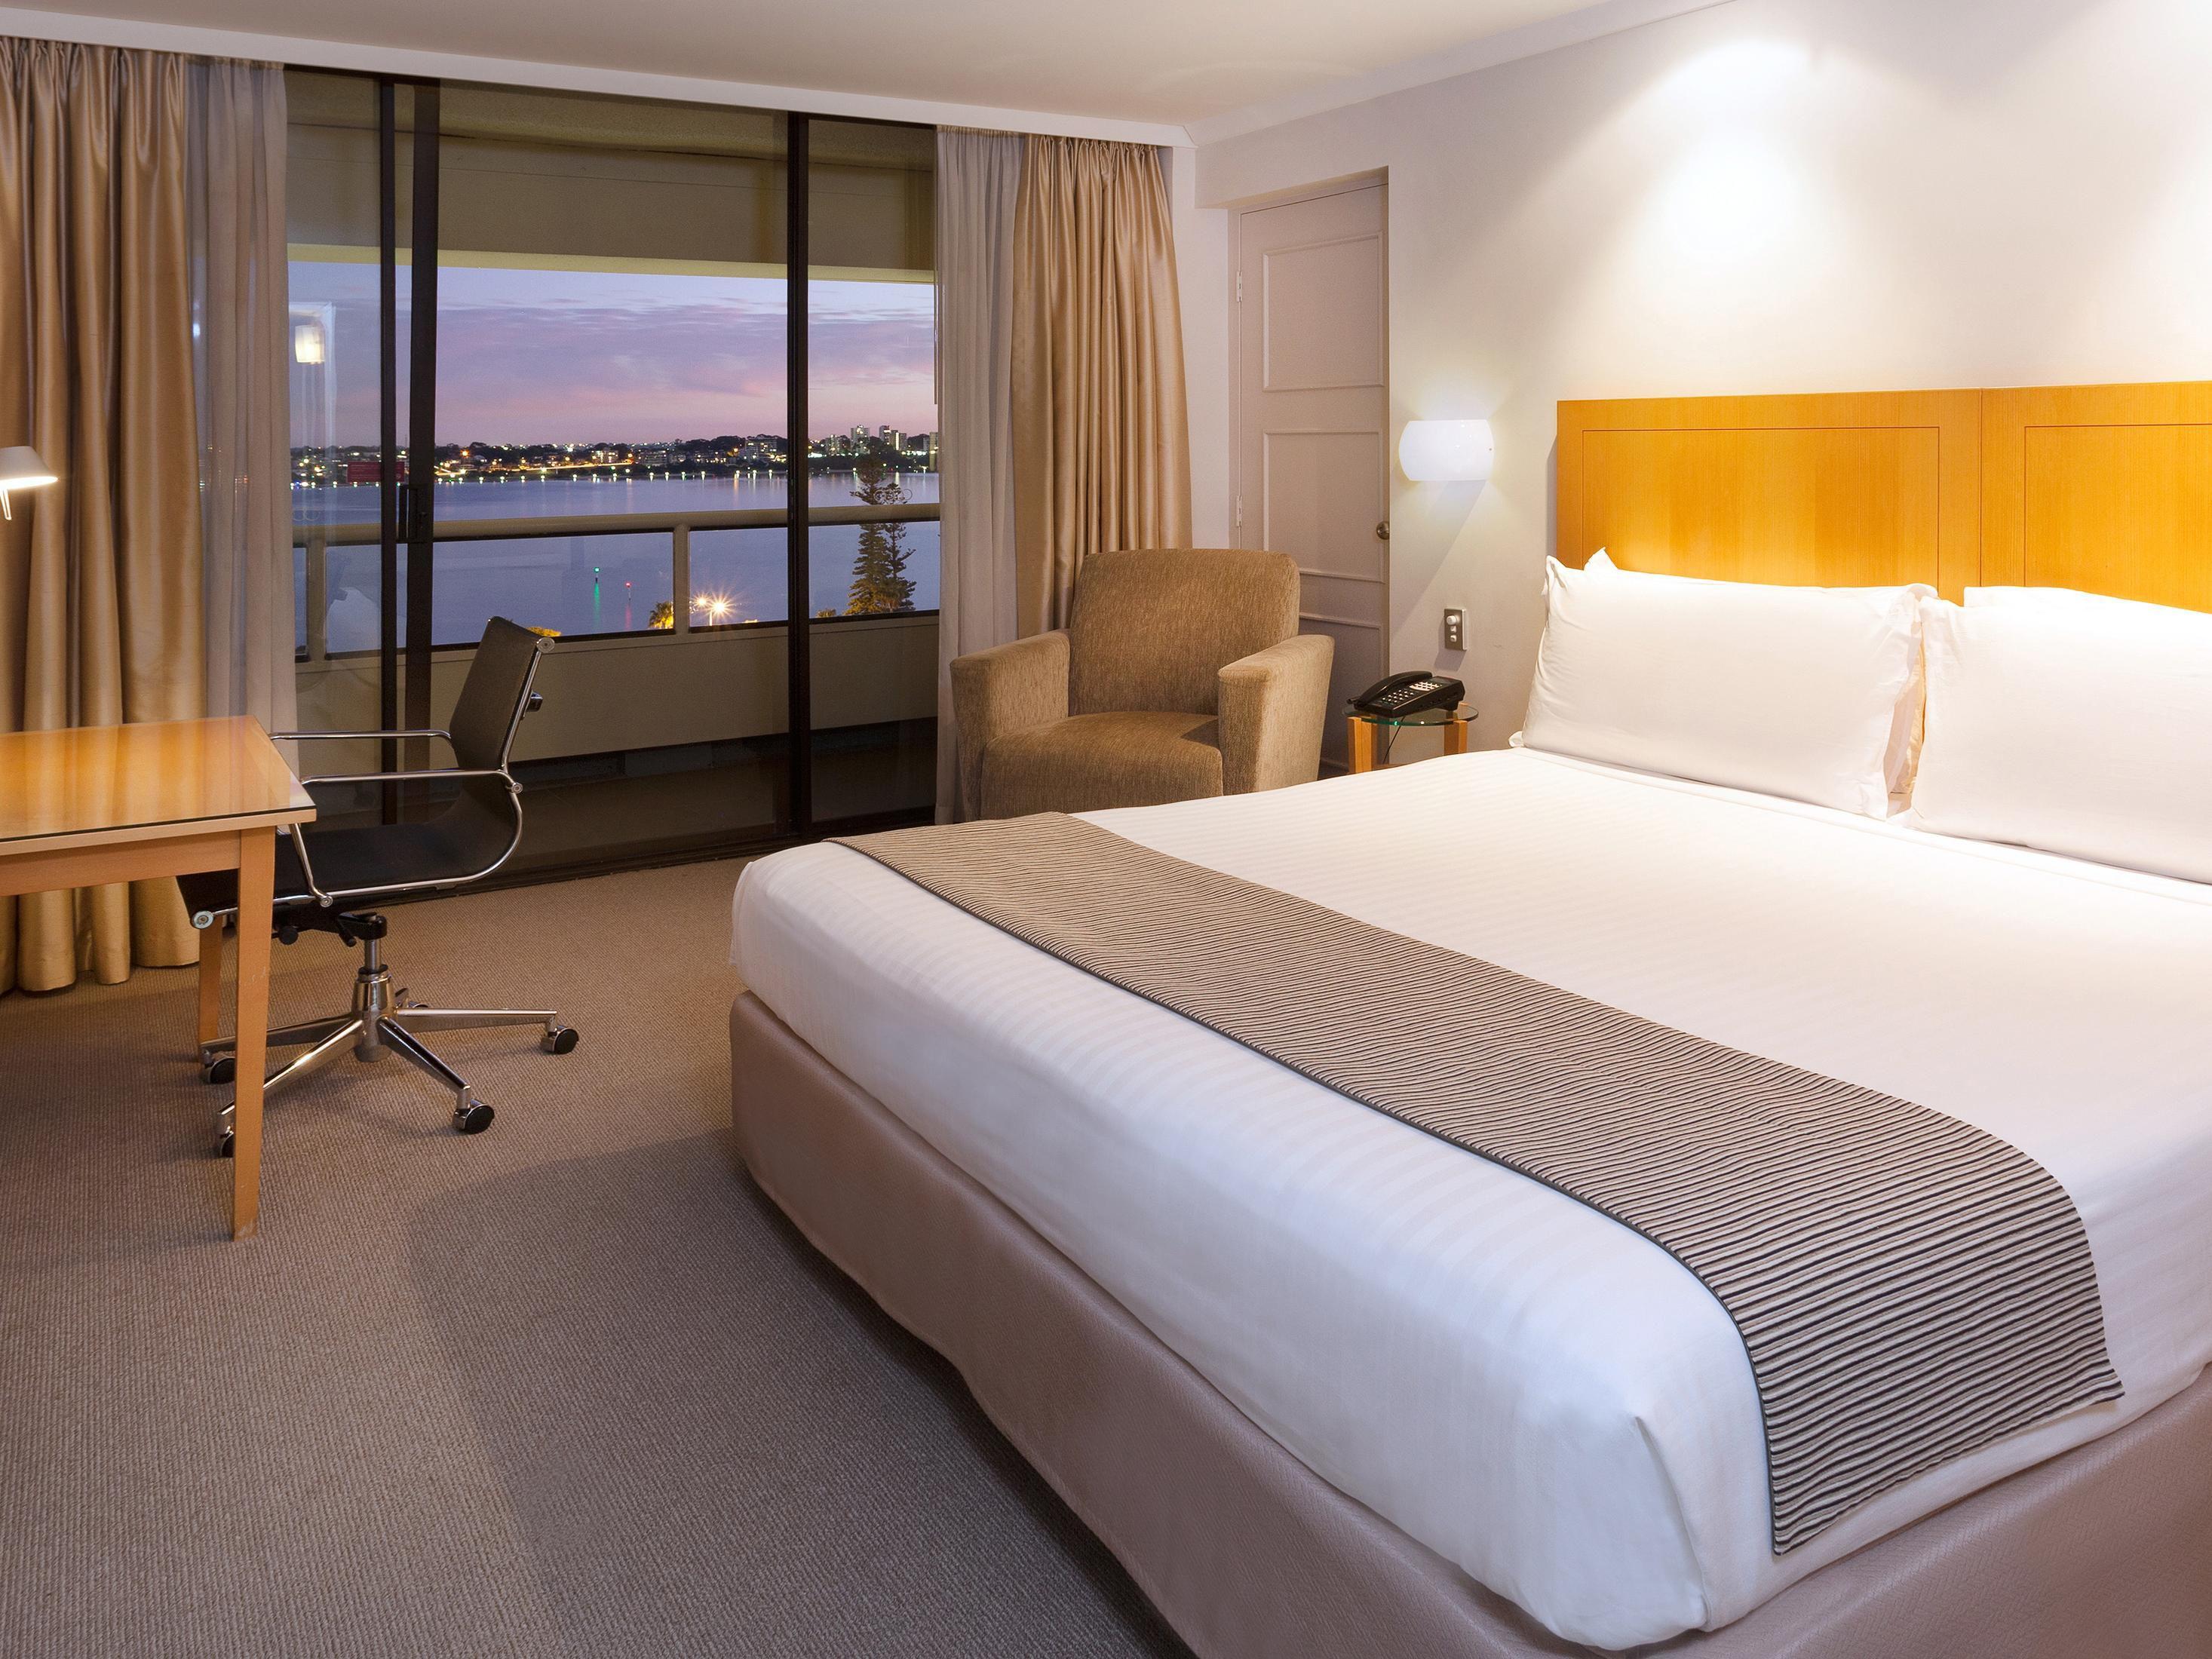 Crowne Plaza Perth hotel Perth Tariffe delle camere #B37418